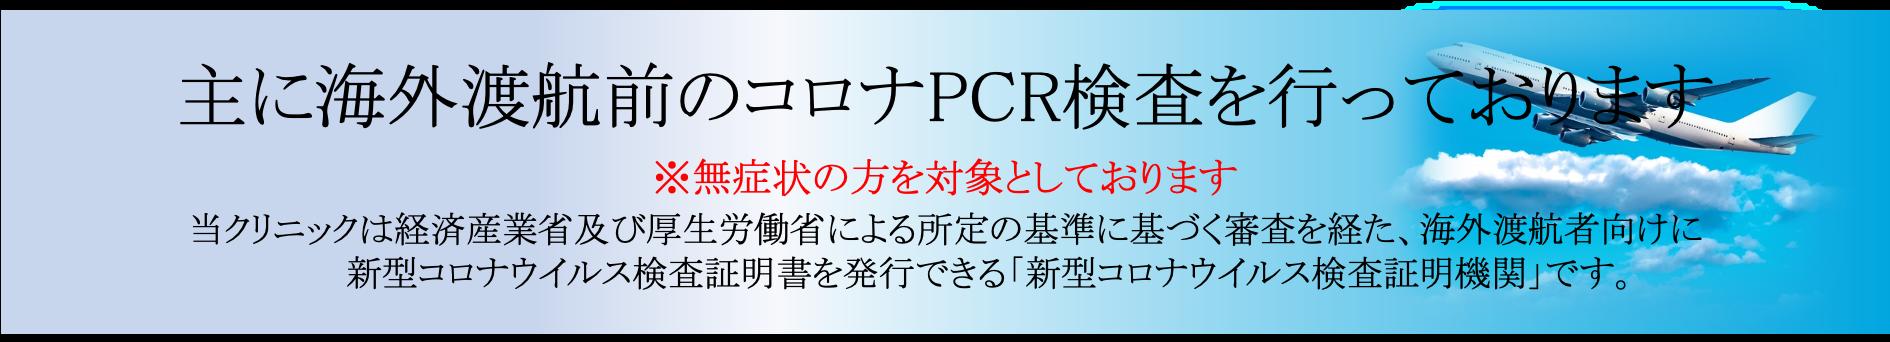 主に海外渡航前のPCR検査を行なっております